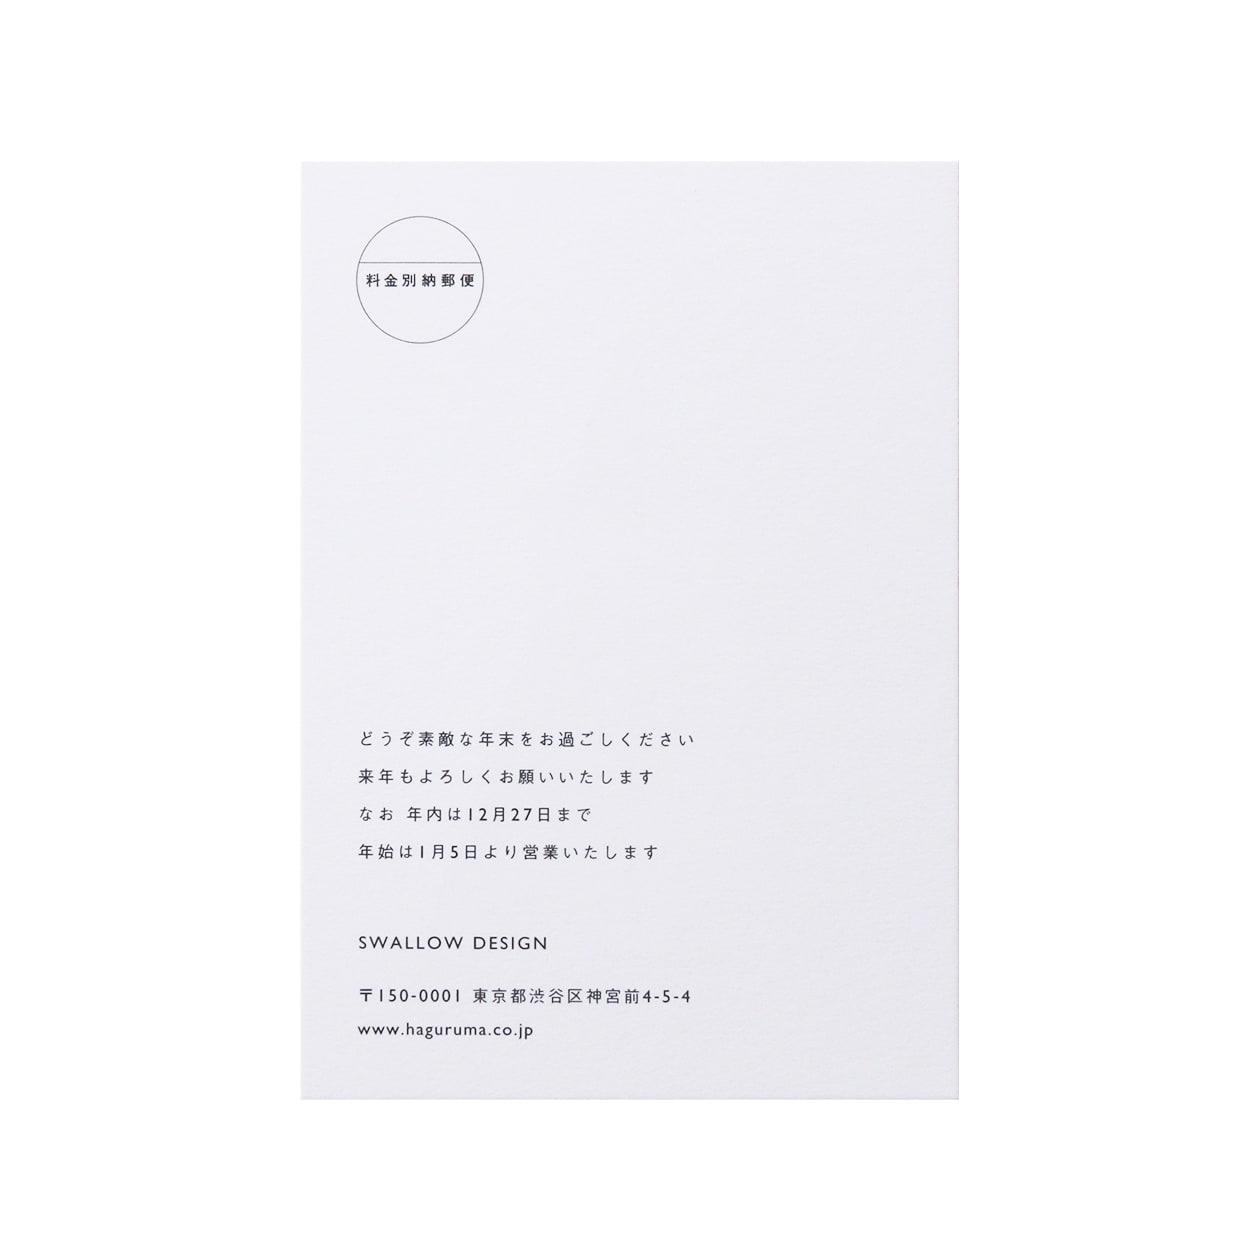 サンプル カード・シート 00264